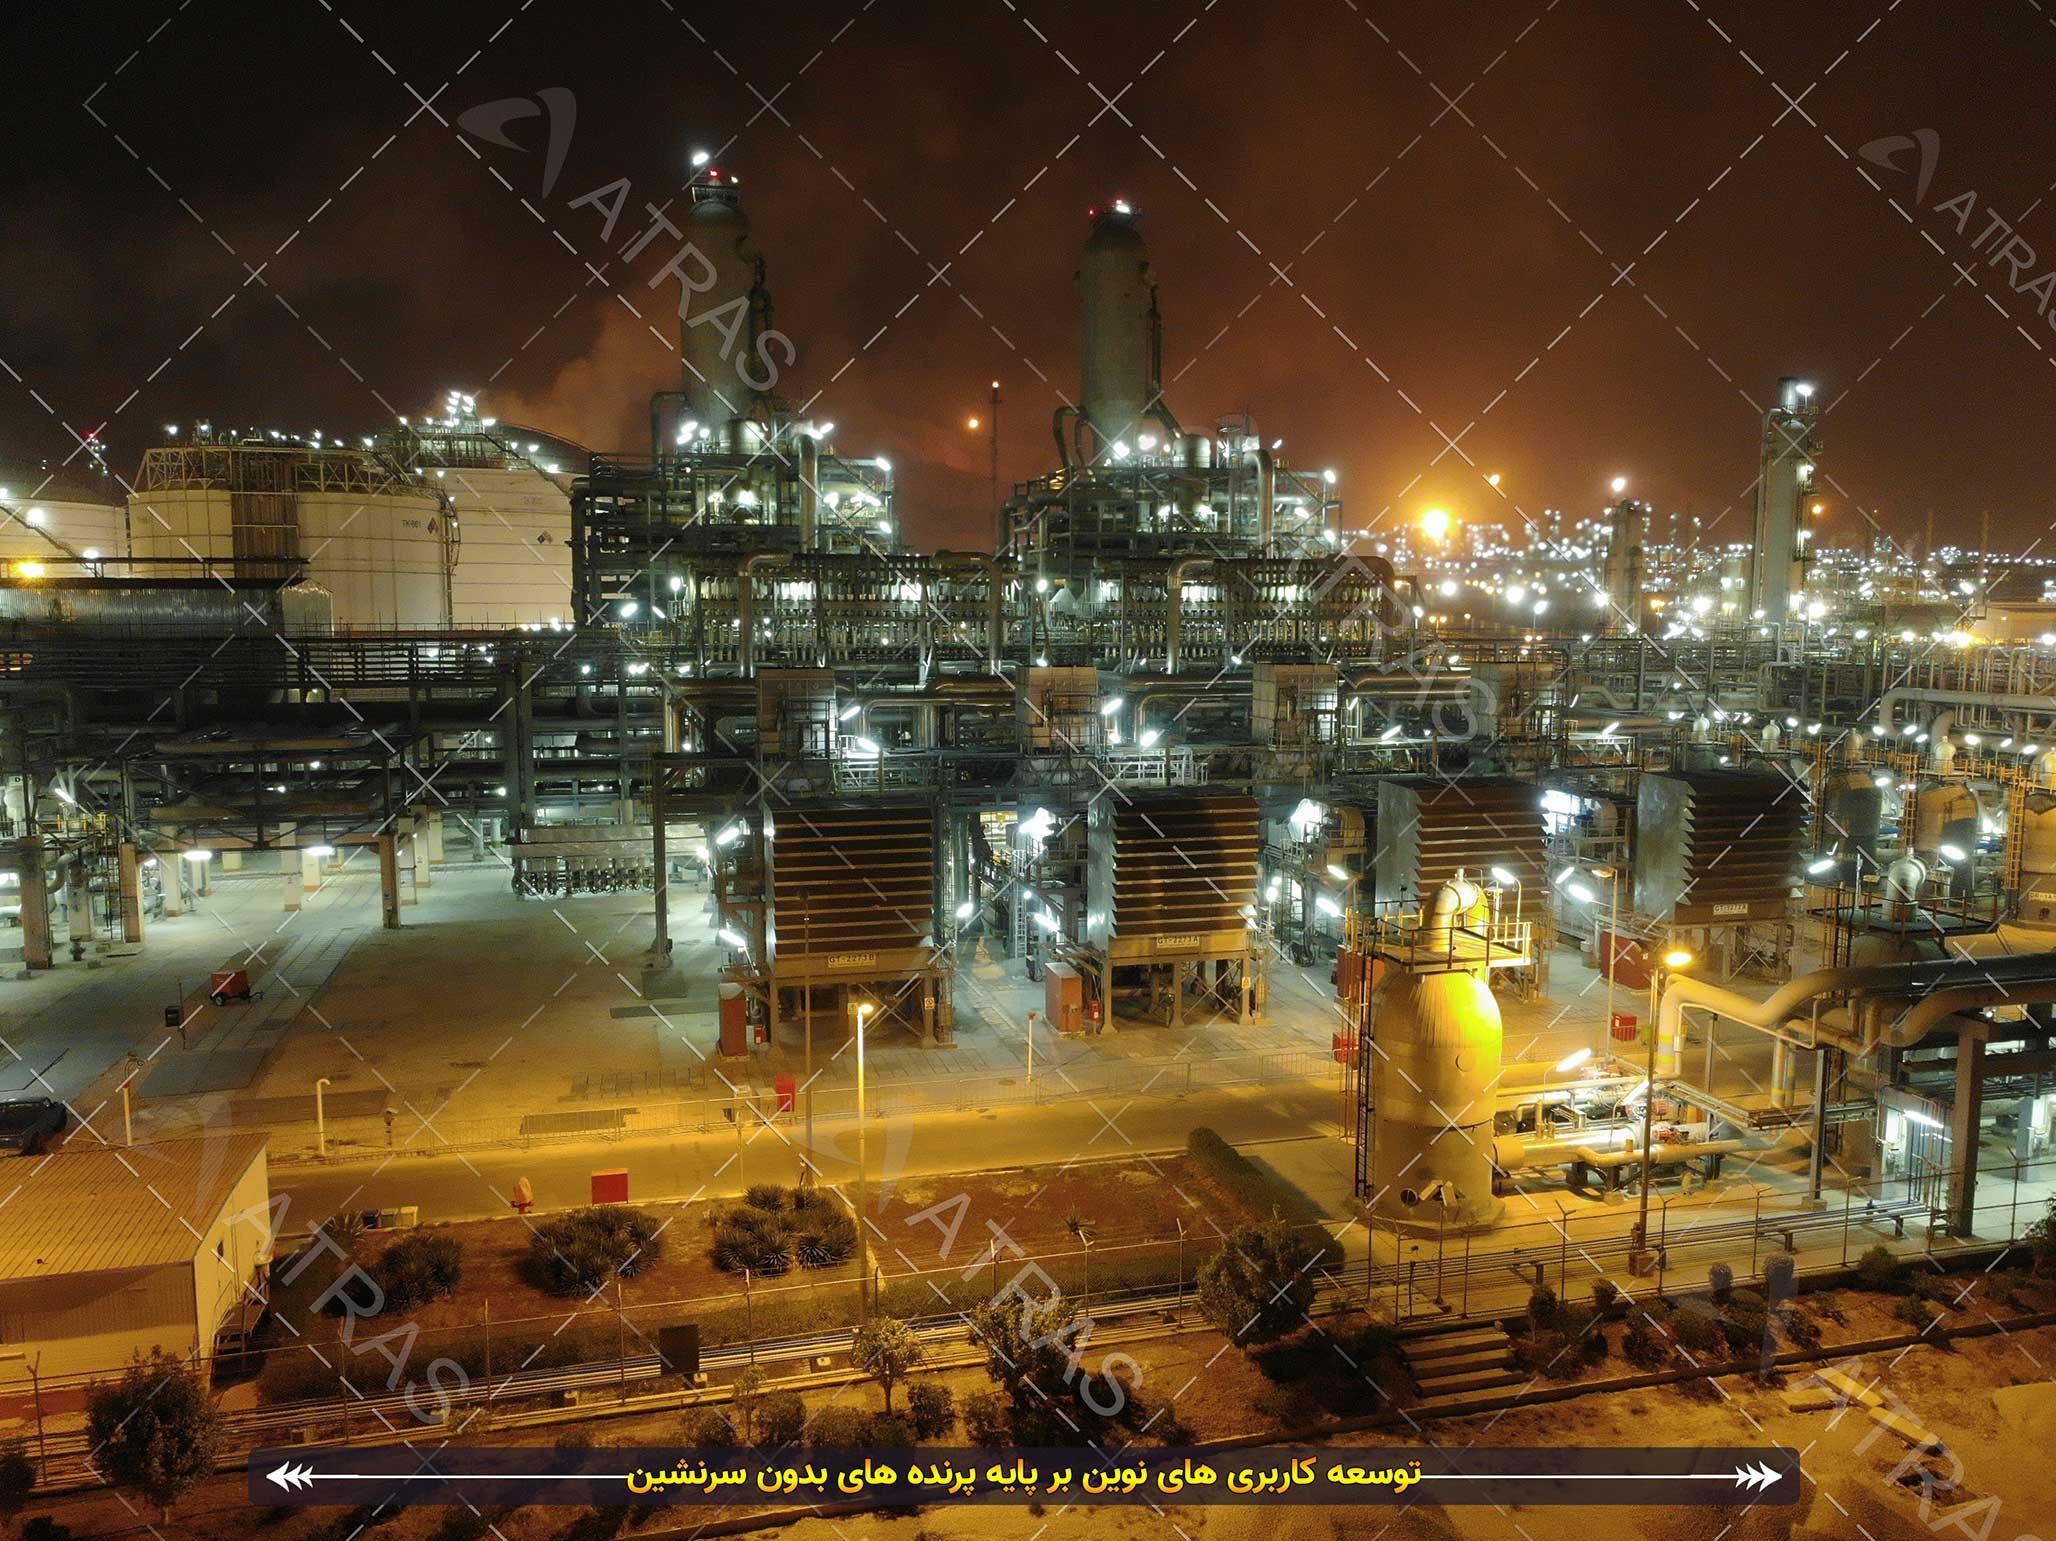 منطقه ویژه انرژی اقتصادی پارس